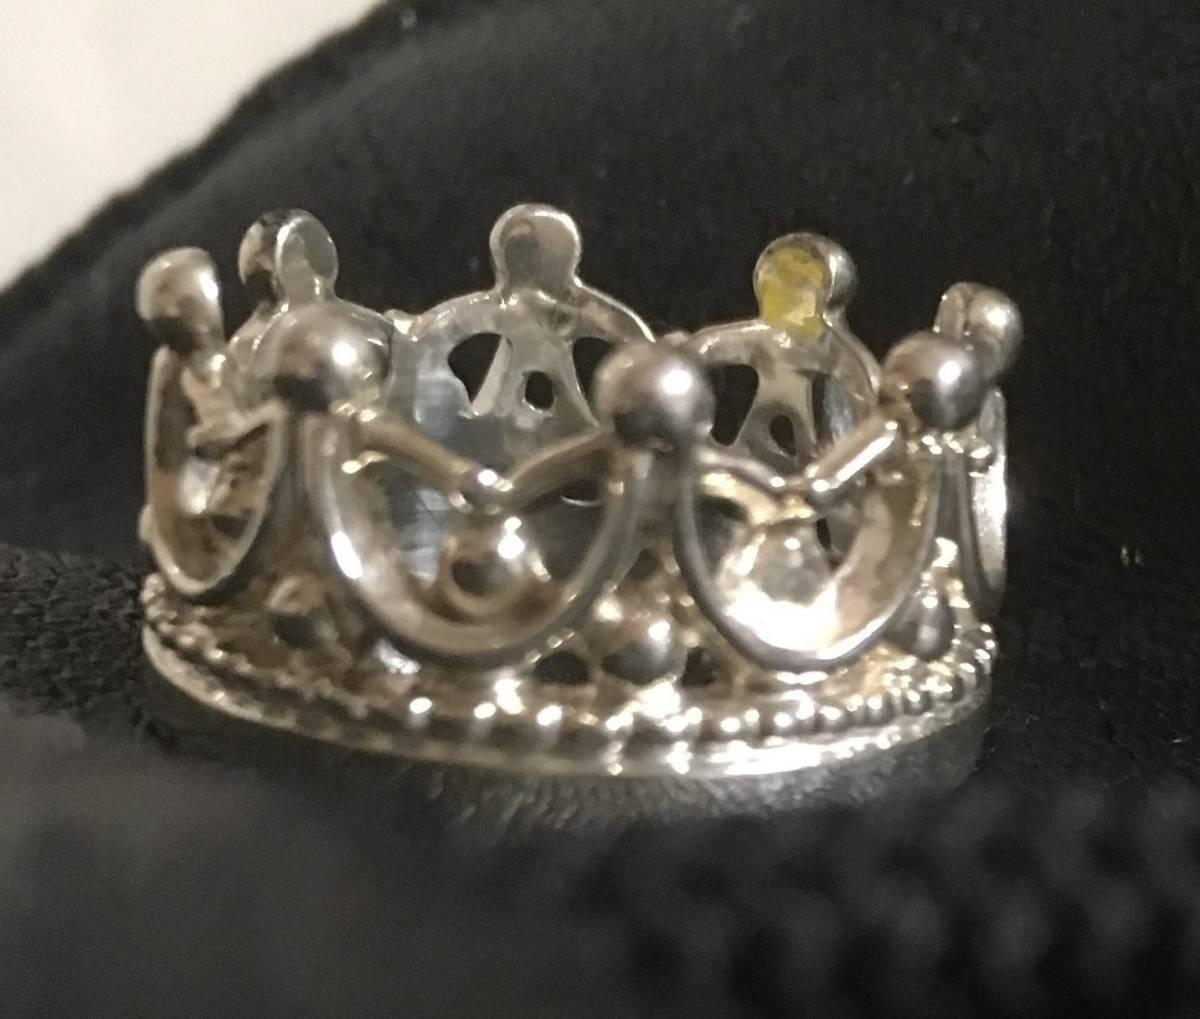 速水もこみち グッズ シルバーアクセサリー 王冠モチーフ 指輪2個セット